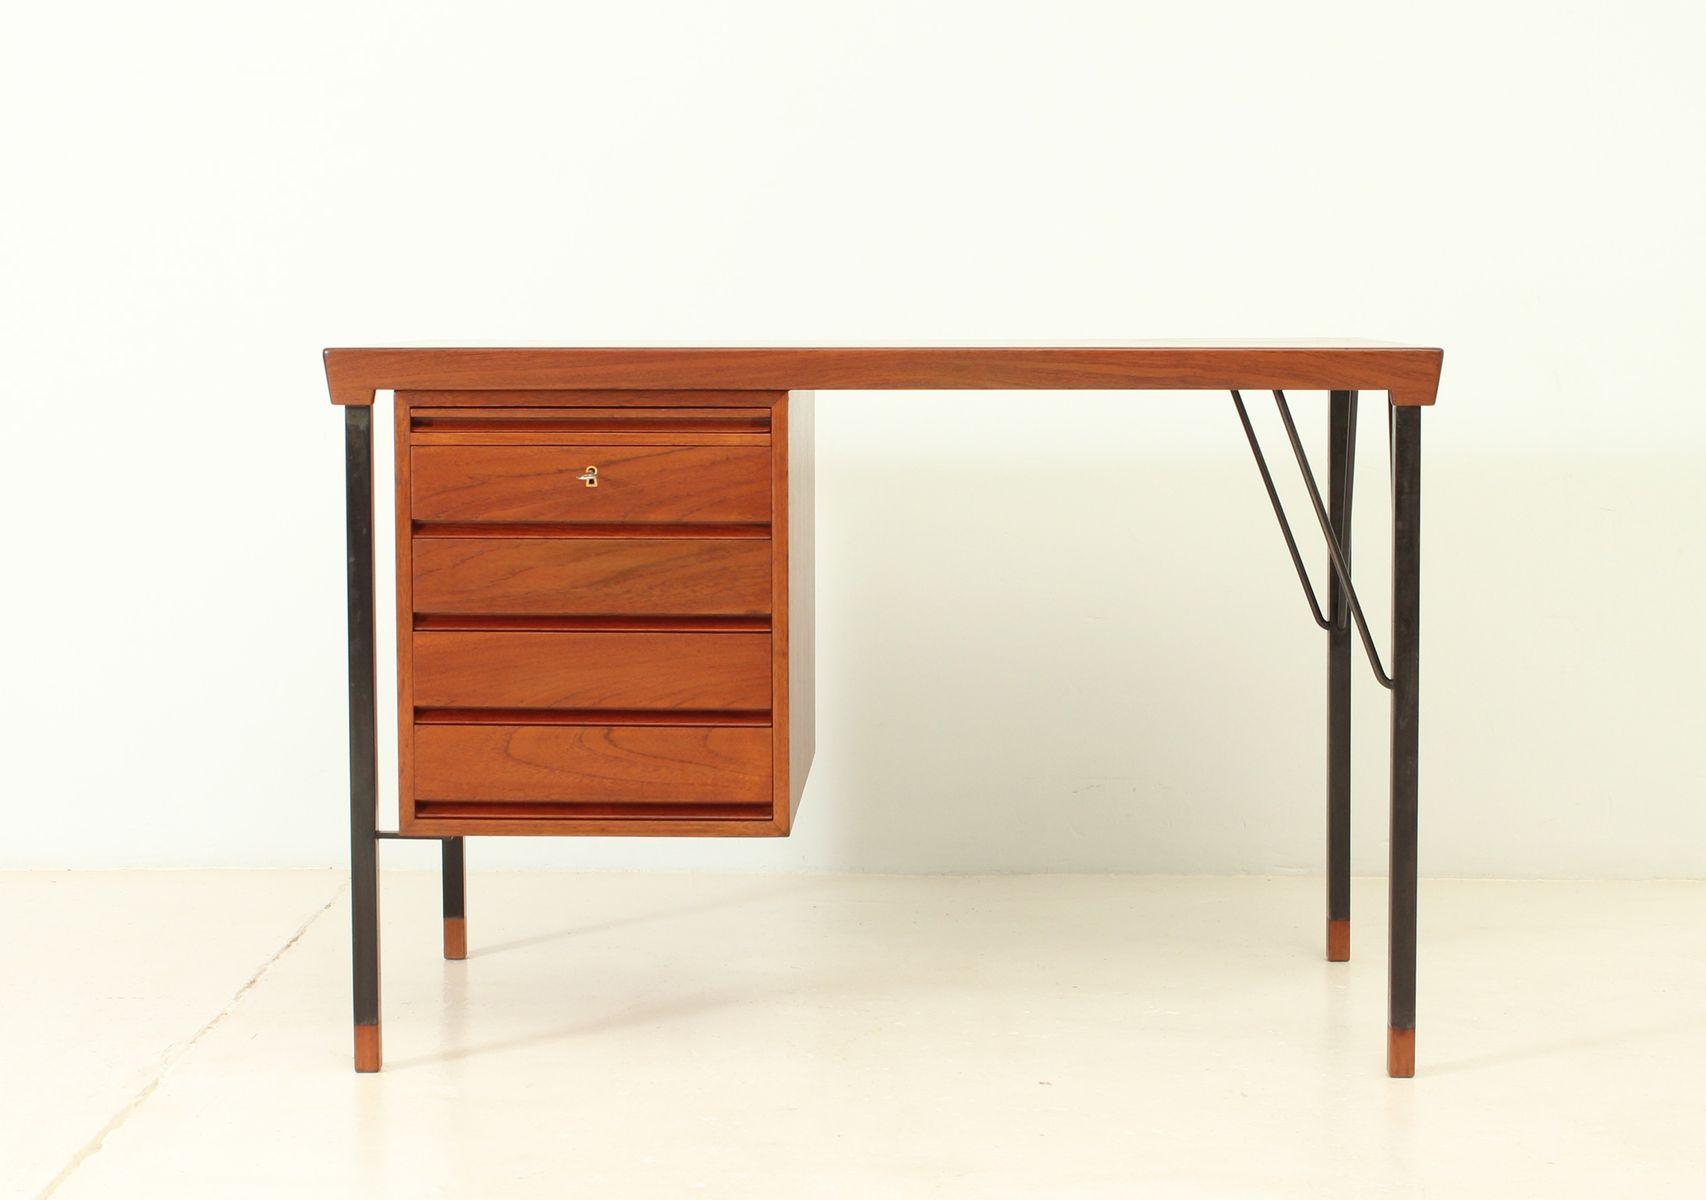 kleiner schreibtisch von christian hvidt orla m lgaard nielsen f r s borg m belfabrik 1960er. Black Bedroom Furniture Sets. Home Design Ideas